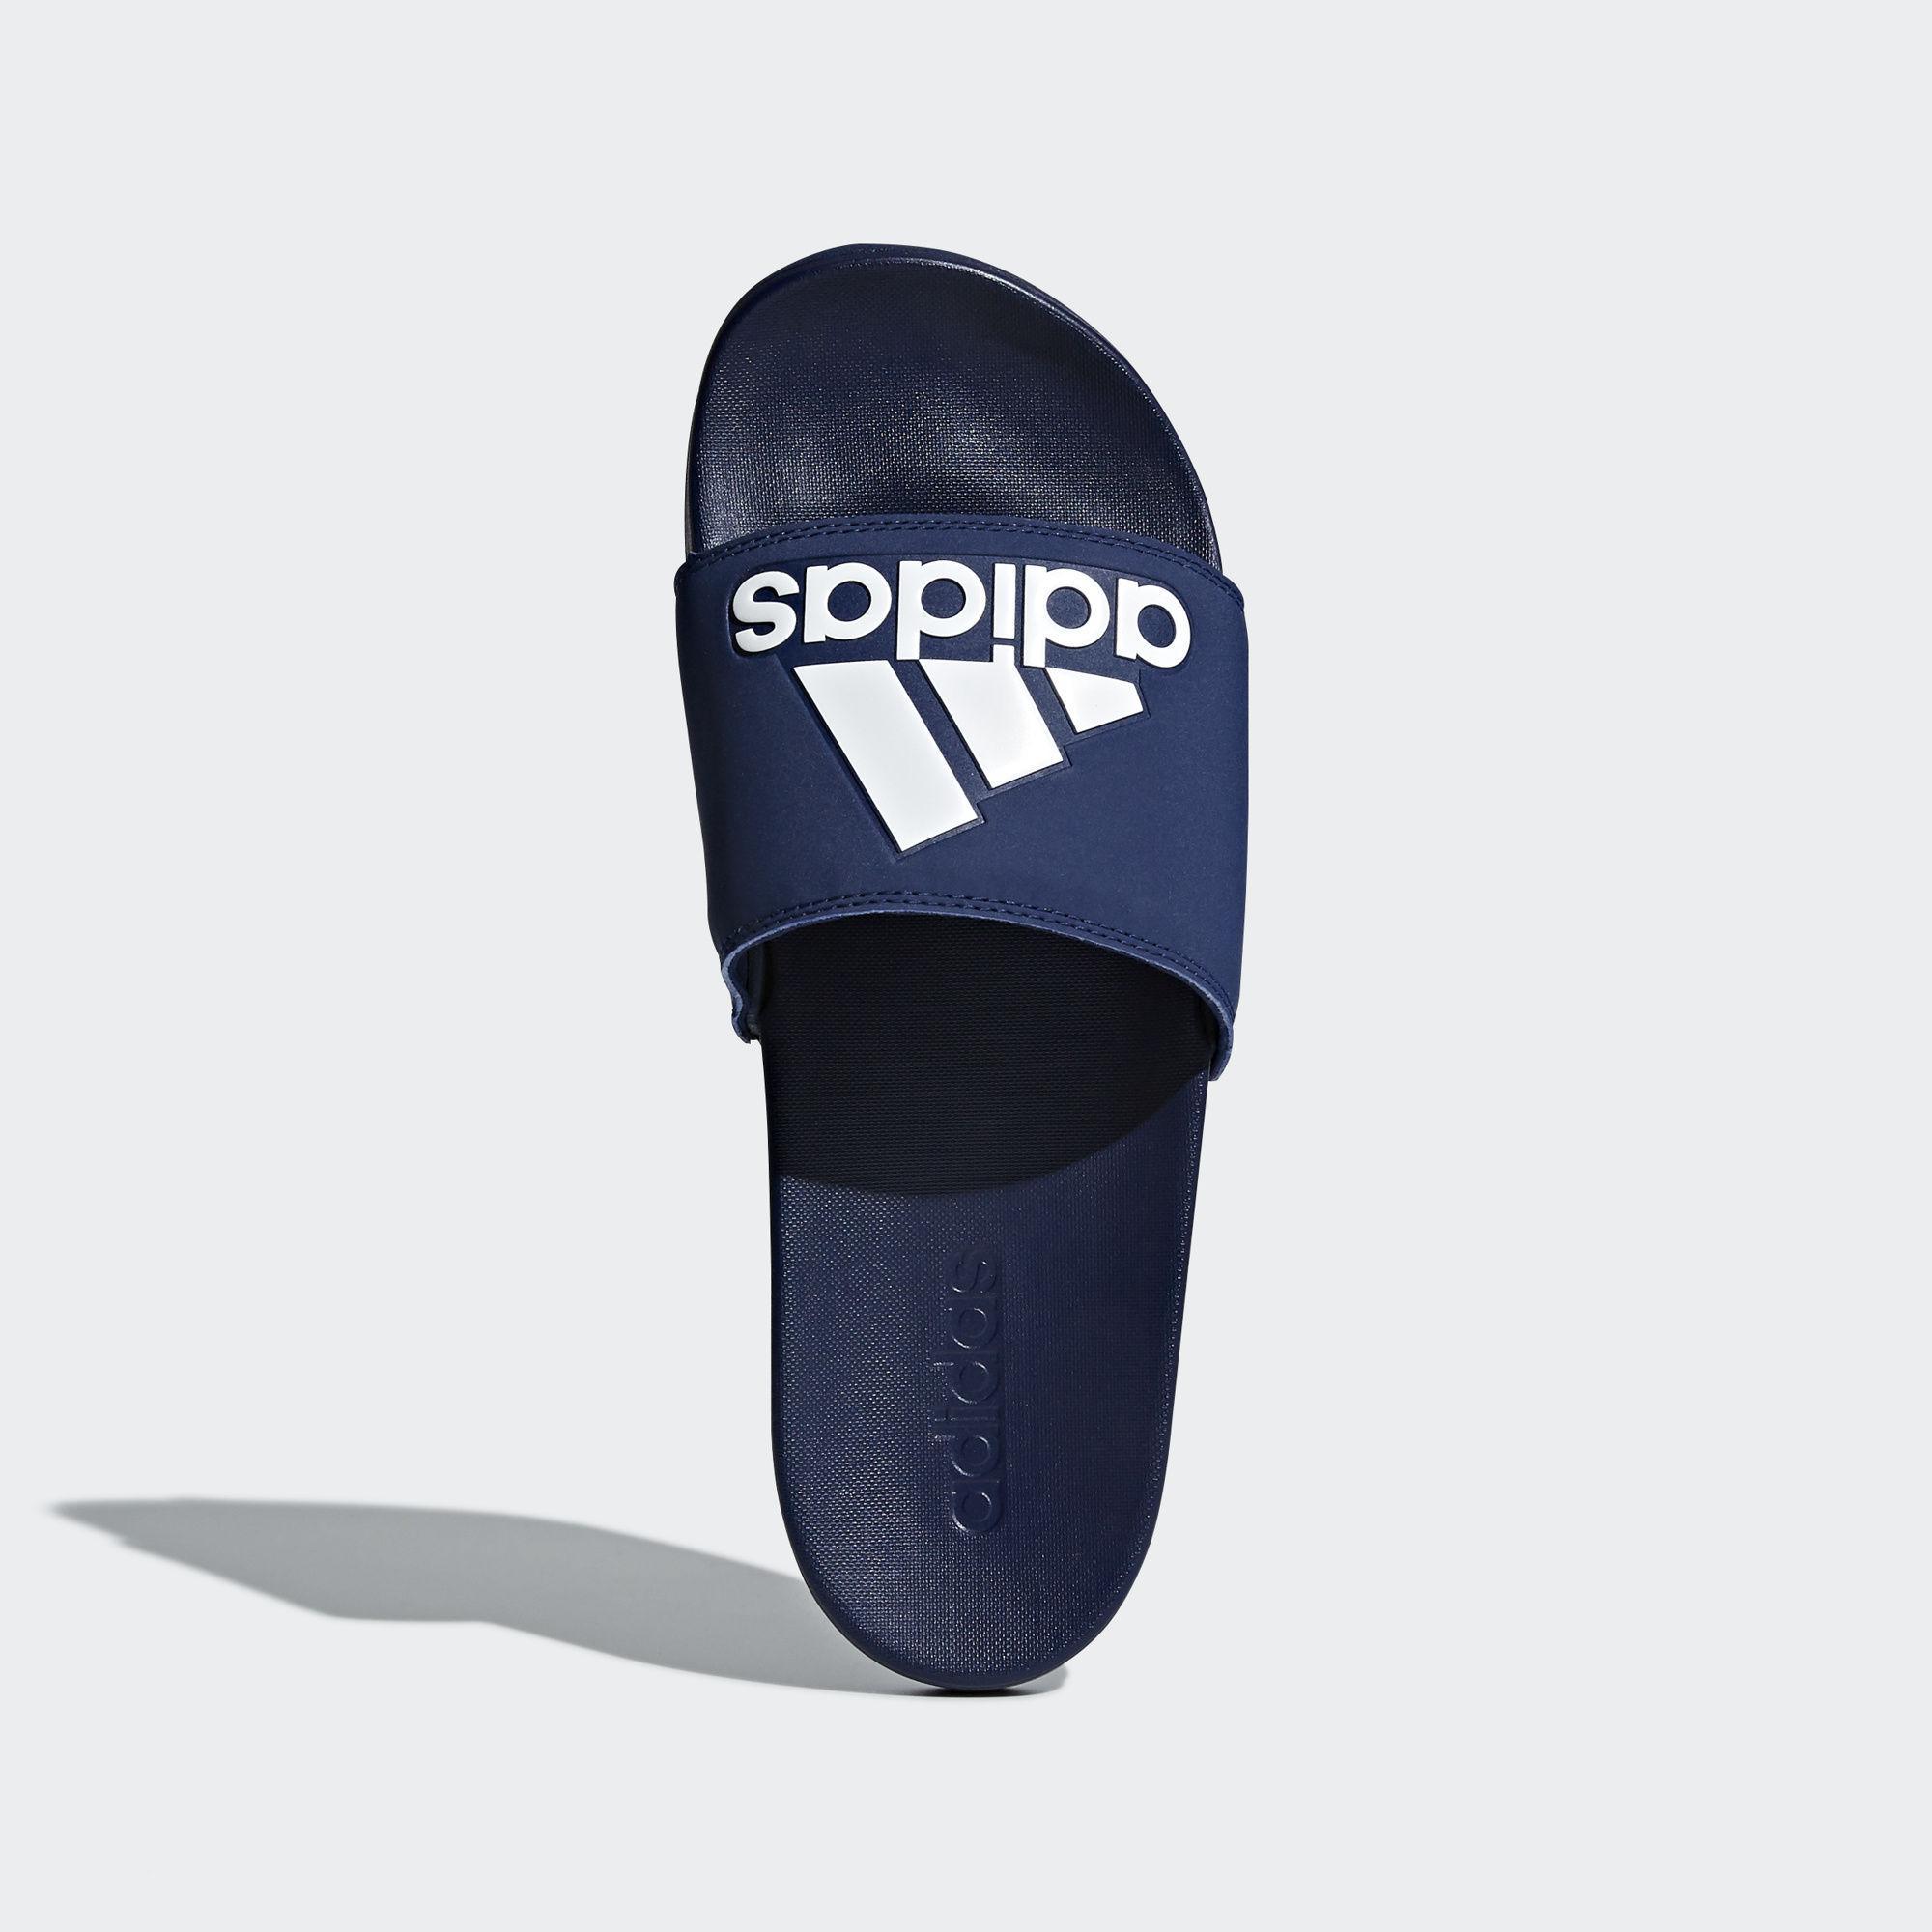 addb3ad155a6 Adidas - Blue Adilette Cloudfoam Plus Logo Slides for Men - Lyst. View  fullscreen